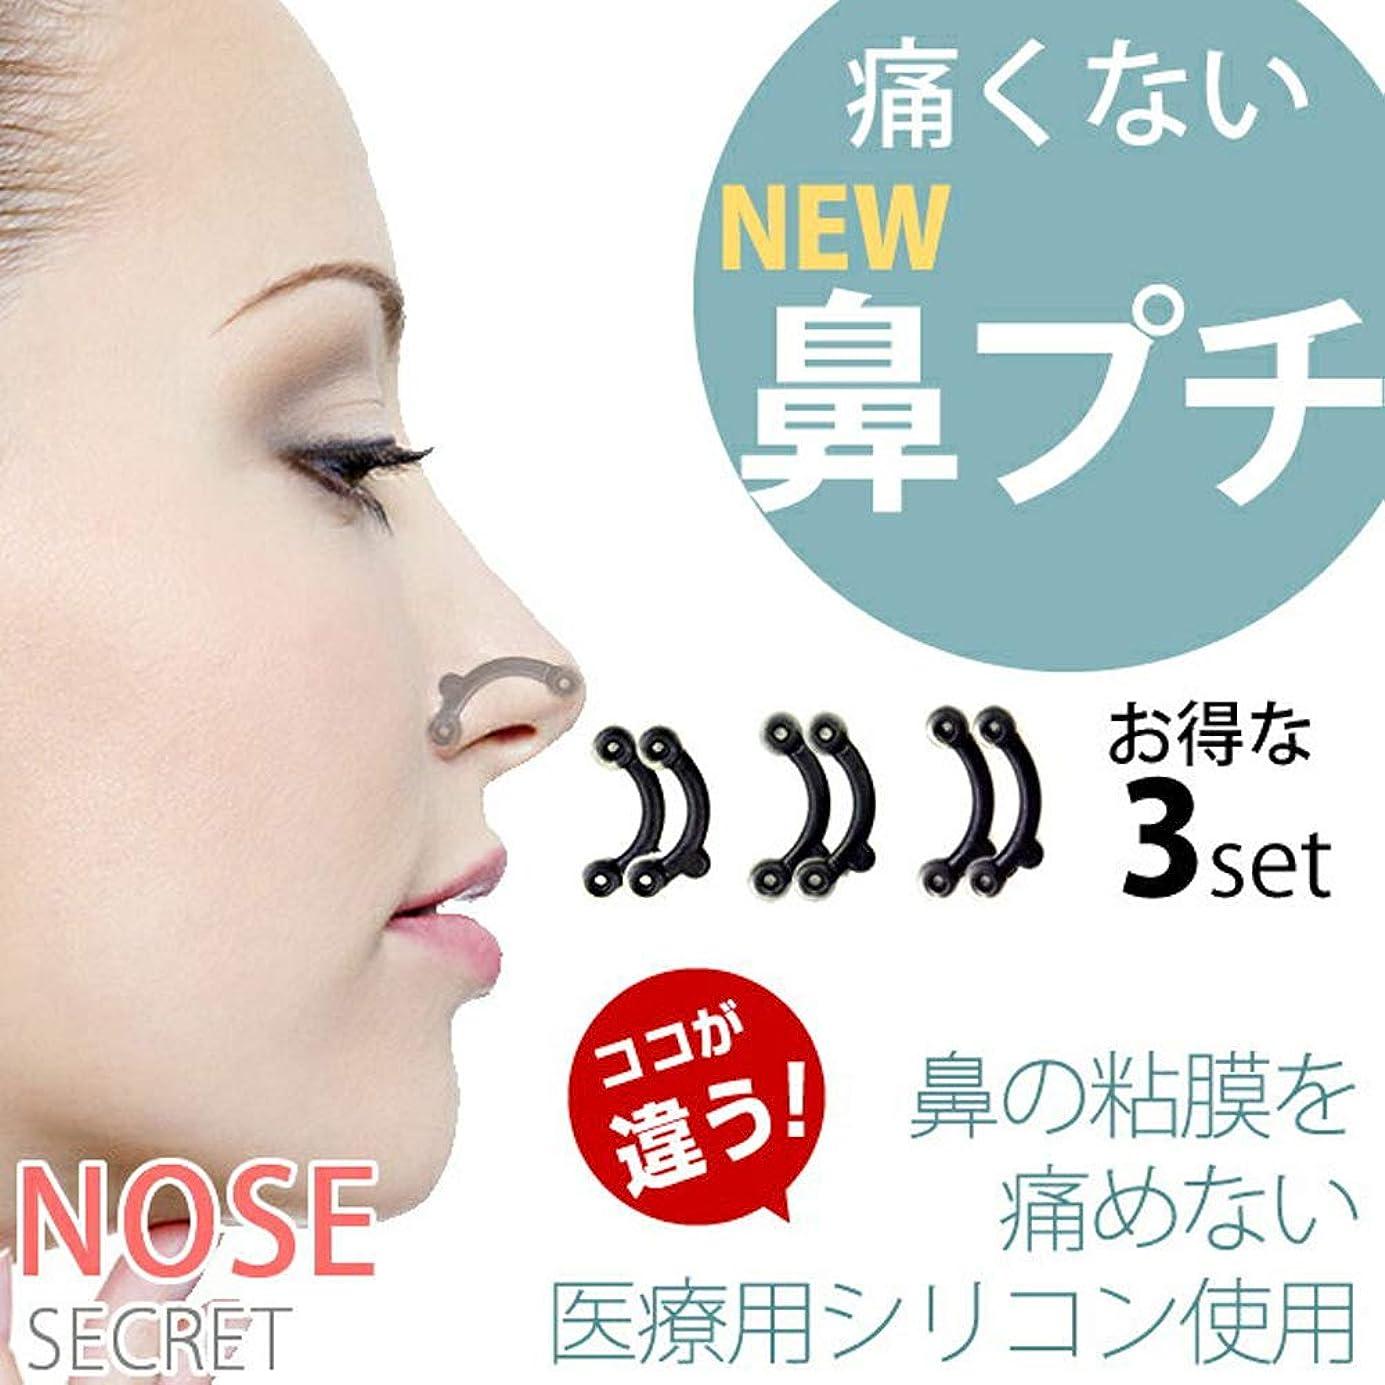 別れるどこ発生鼻プチ プチ整形 ハナのアイプチ Viconaノーズアップ 美鼻 鼻クリップ ノーズクリップ 鼻筋セレブ 鼻筋矯正 抗菌シリコンで 柔らか素材で痛くない 肌にやさしい 鼻プチS.M.L三つサイズセット